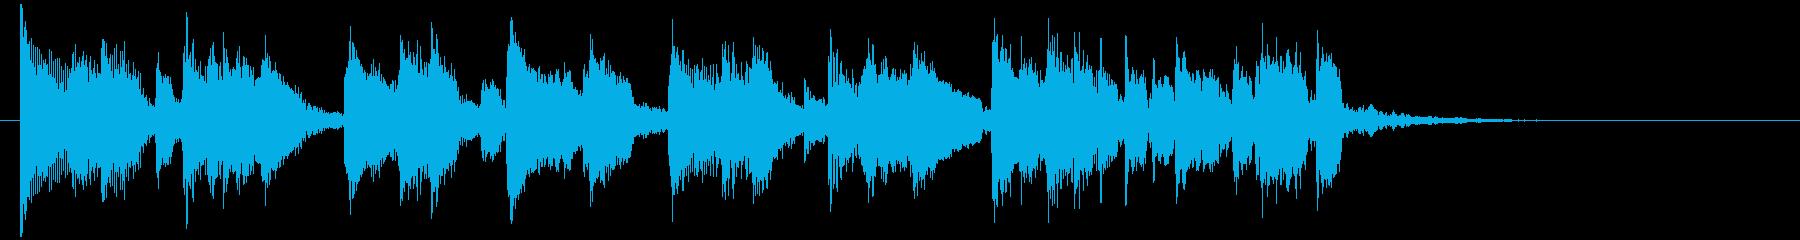 2本のアコギによるフラメンコのジングルの再生済みの波形